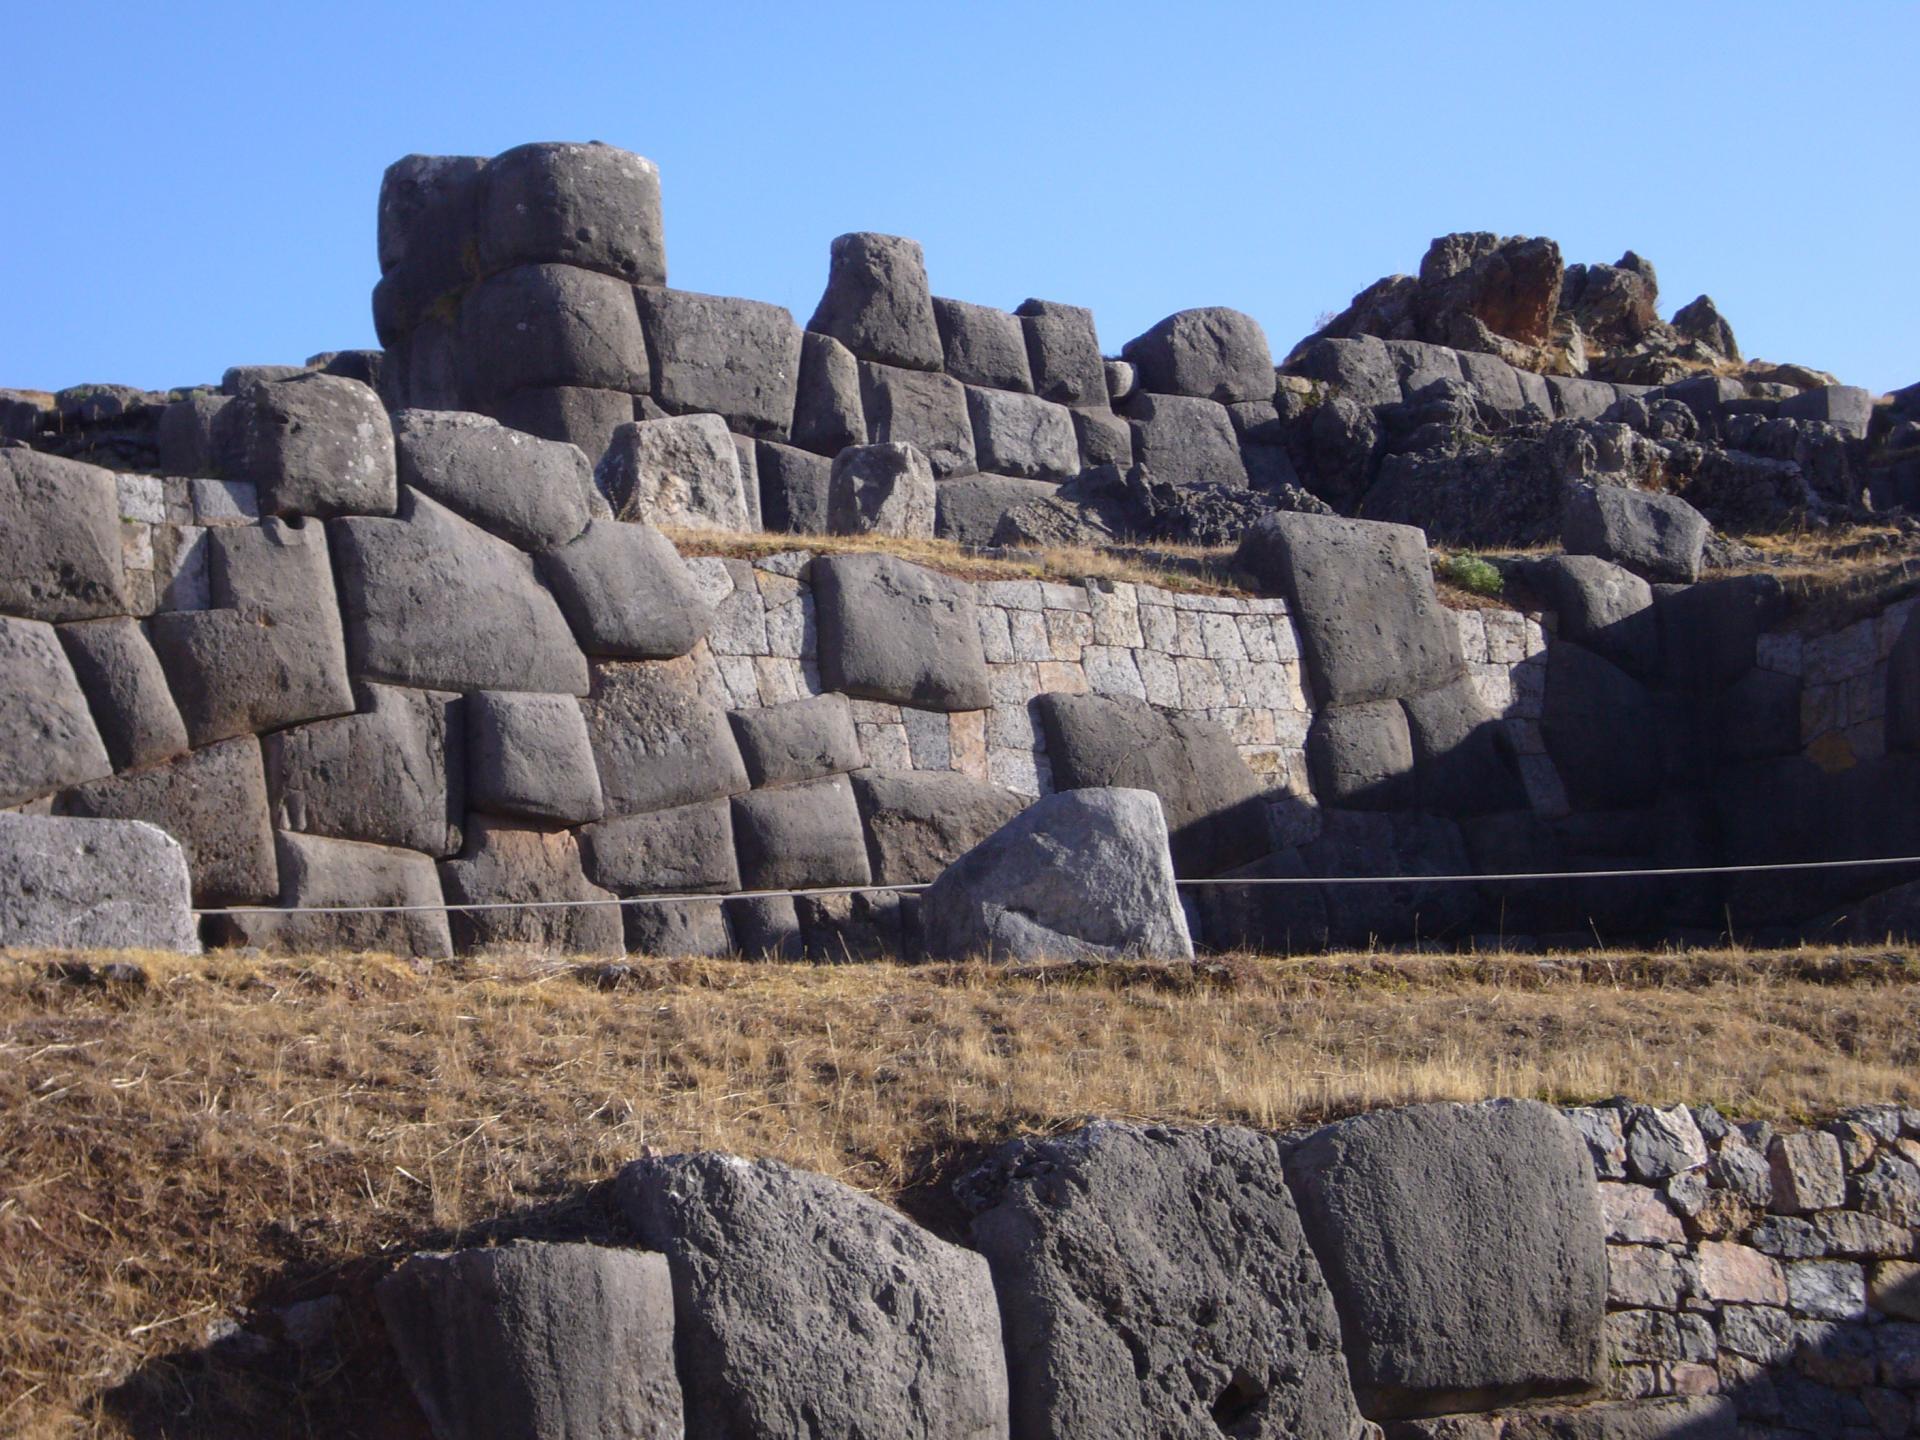 Entdecken Sie das Heilige Tal der Inka mit seinen einzigartigen Bauten in Peru